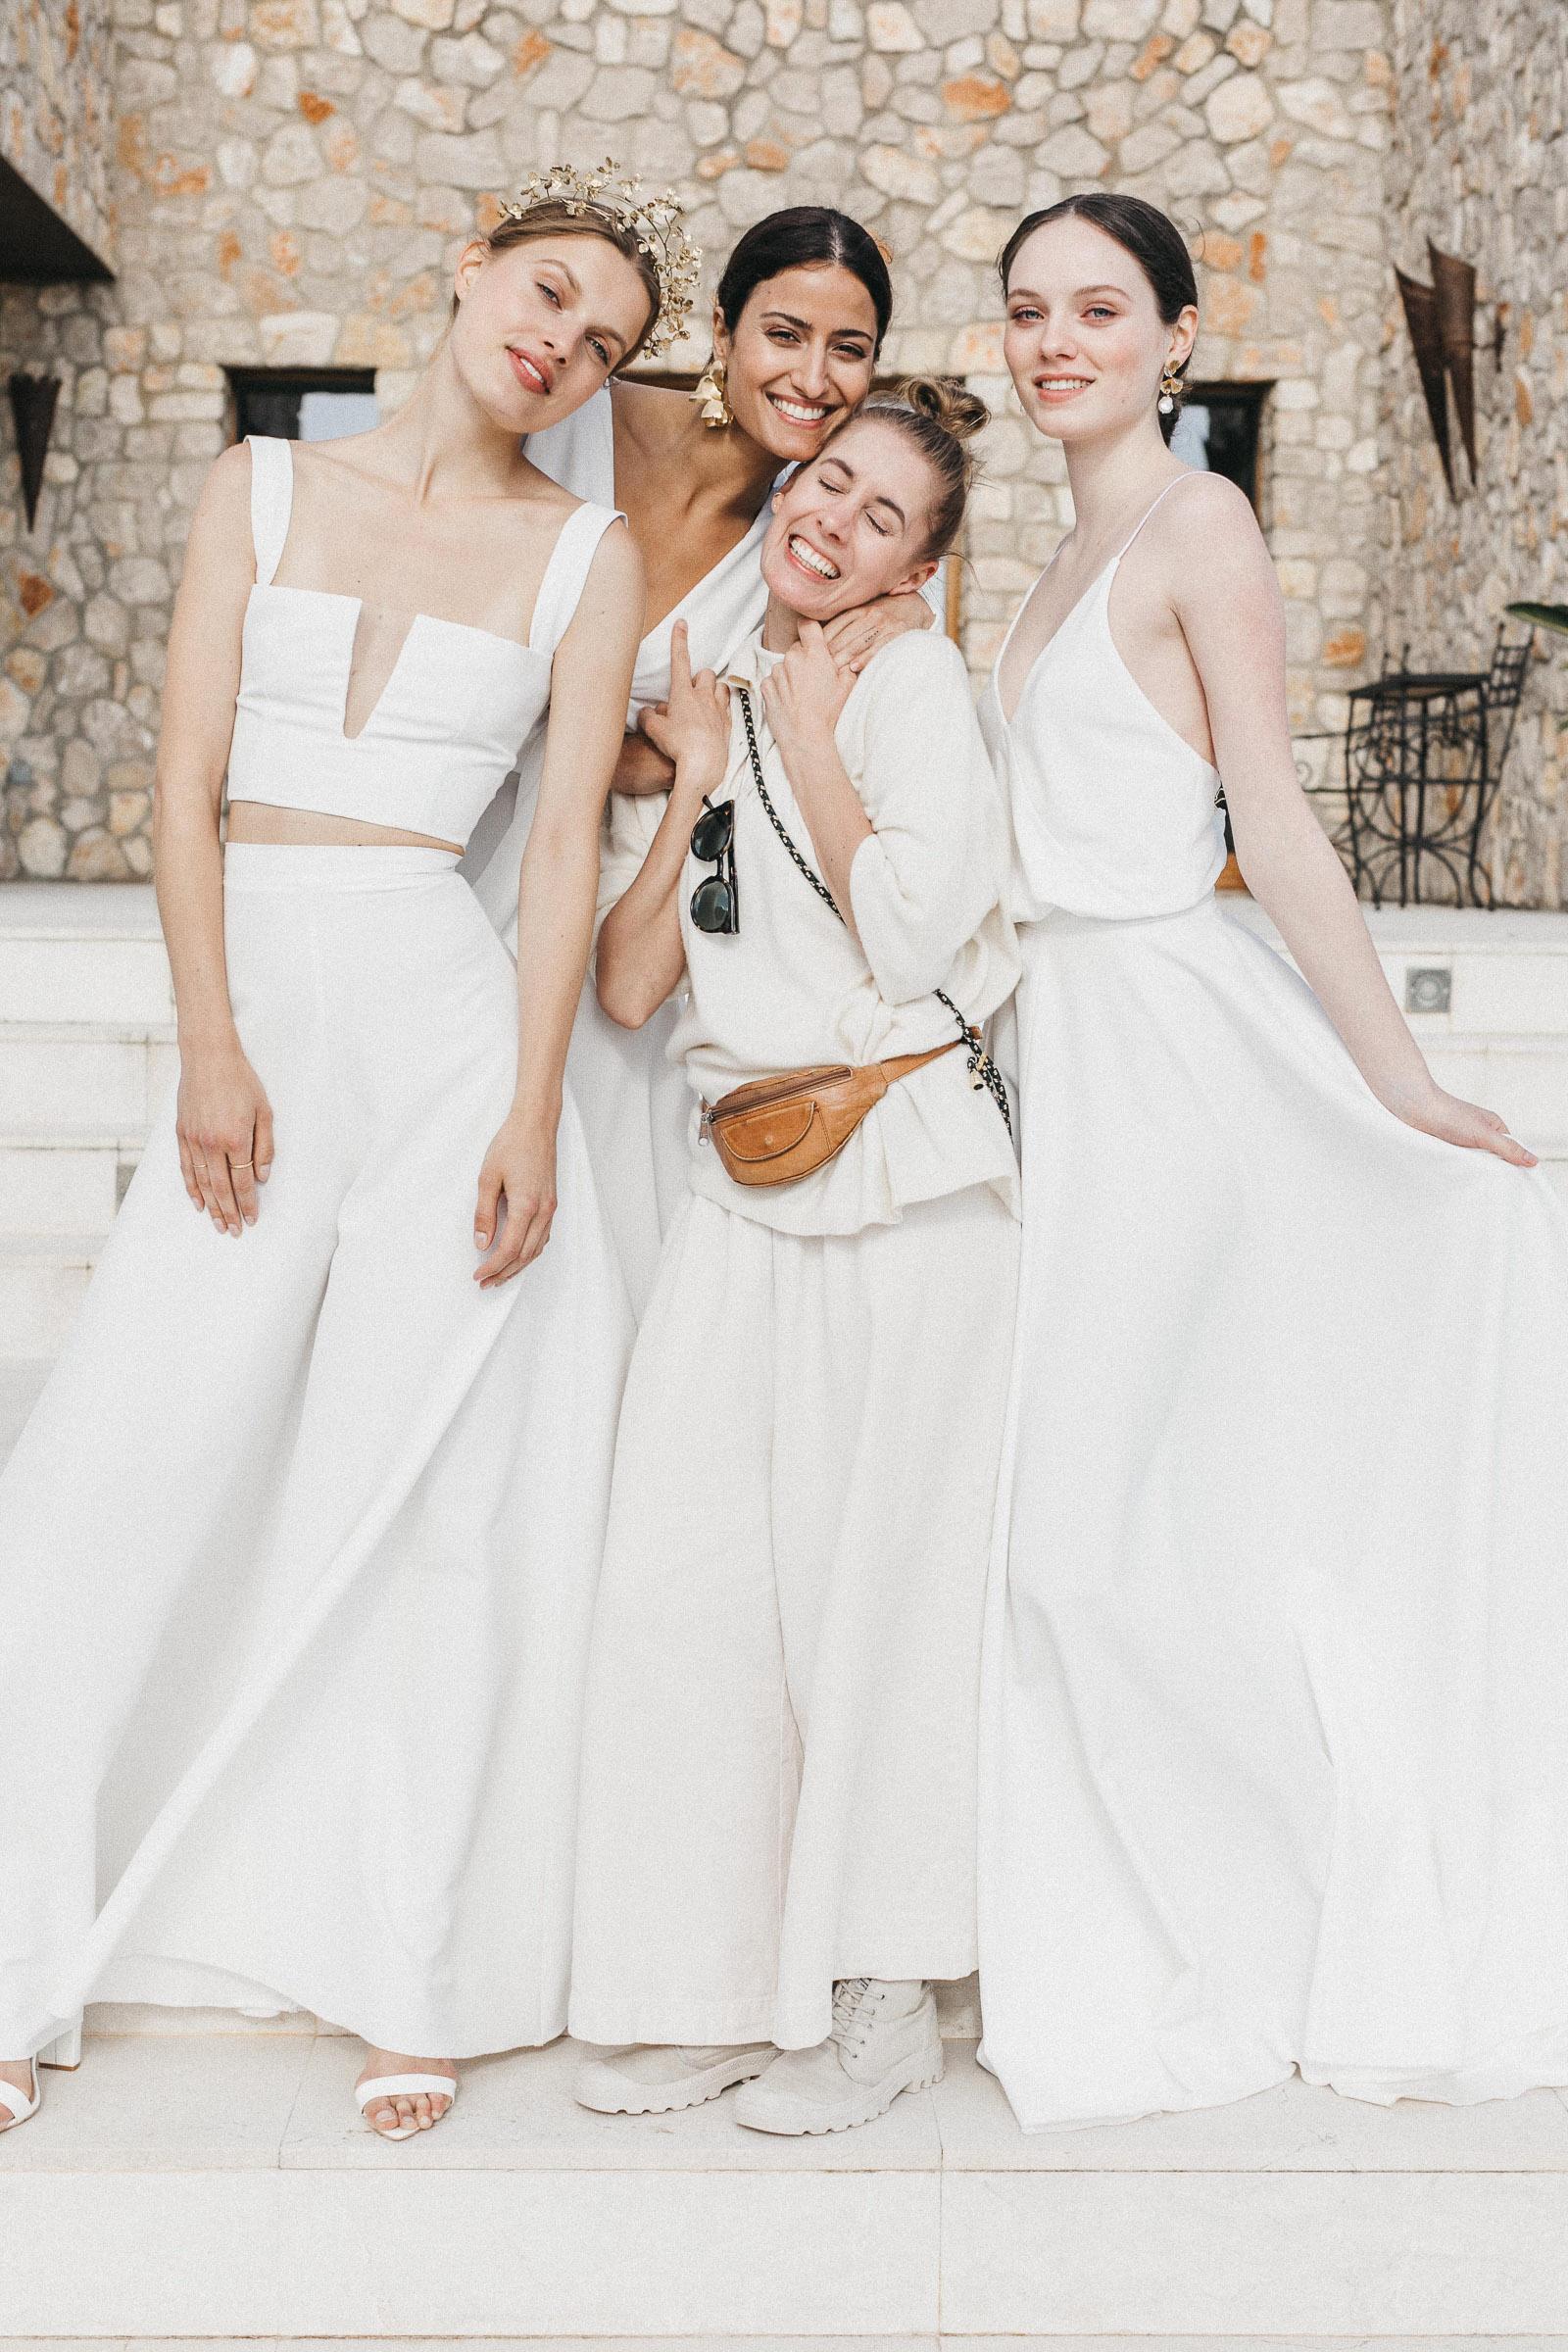 WEDDING DRESSES annikamaria   simplicity in design   unique   modern